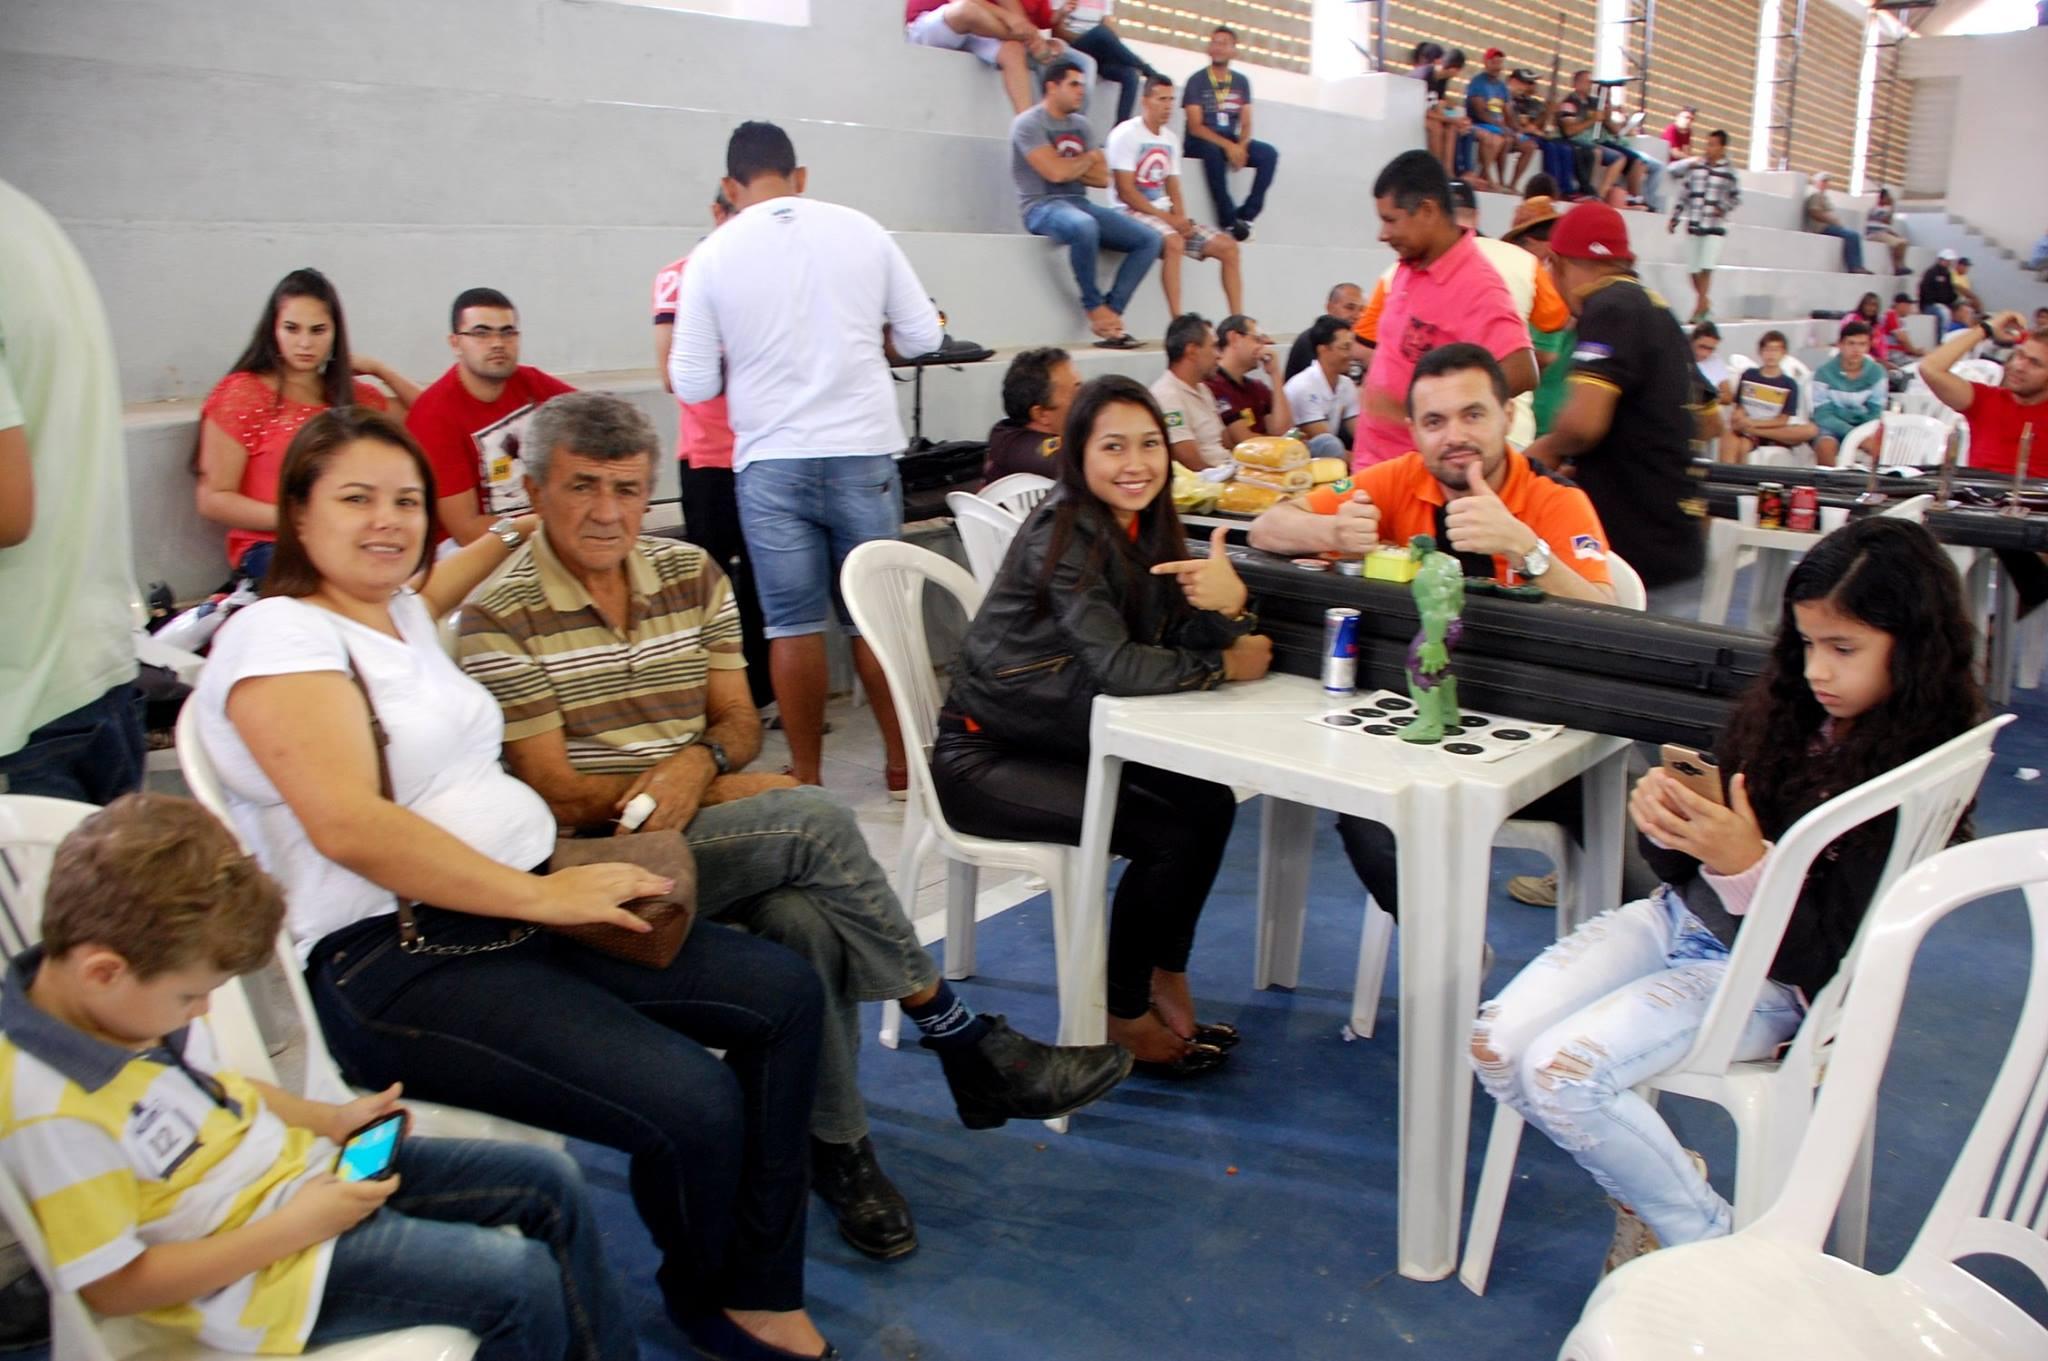 18766377_1889324941340696_4943778310911082285_o-300x199 Participantes comemoram o sucesso do Torneio de Tiro Esportivo de Monteiro